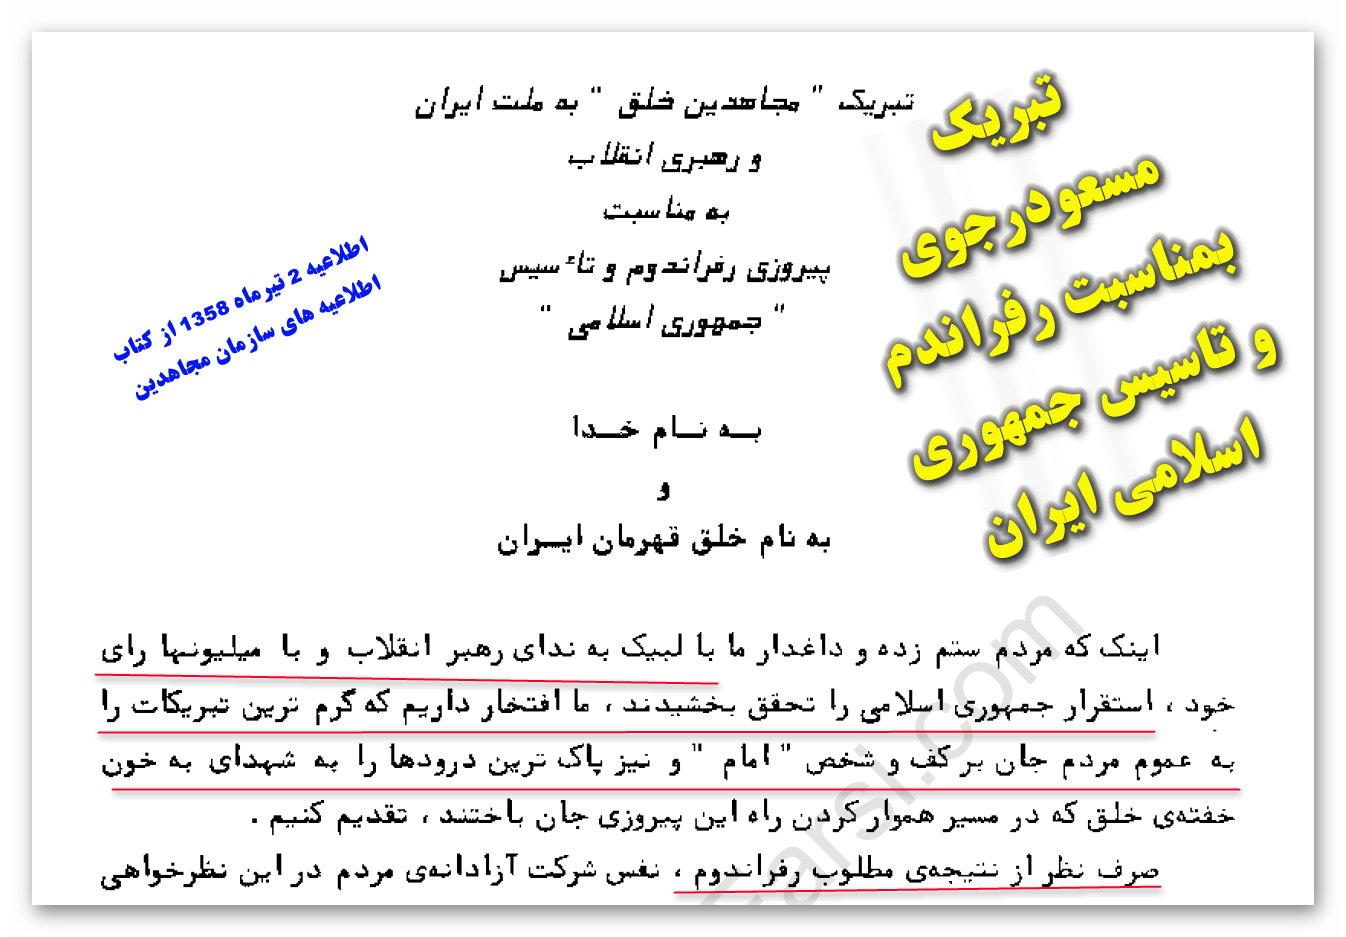 تبریک بمناسبت رفراندم جمهوری اسلام